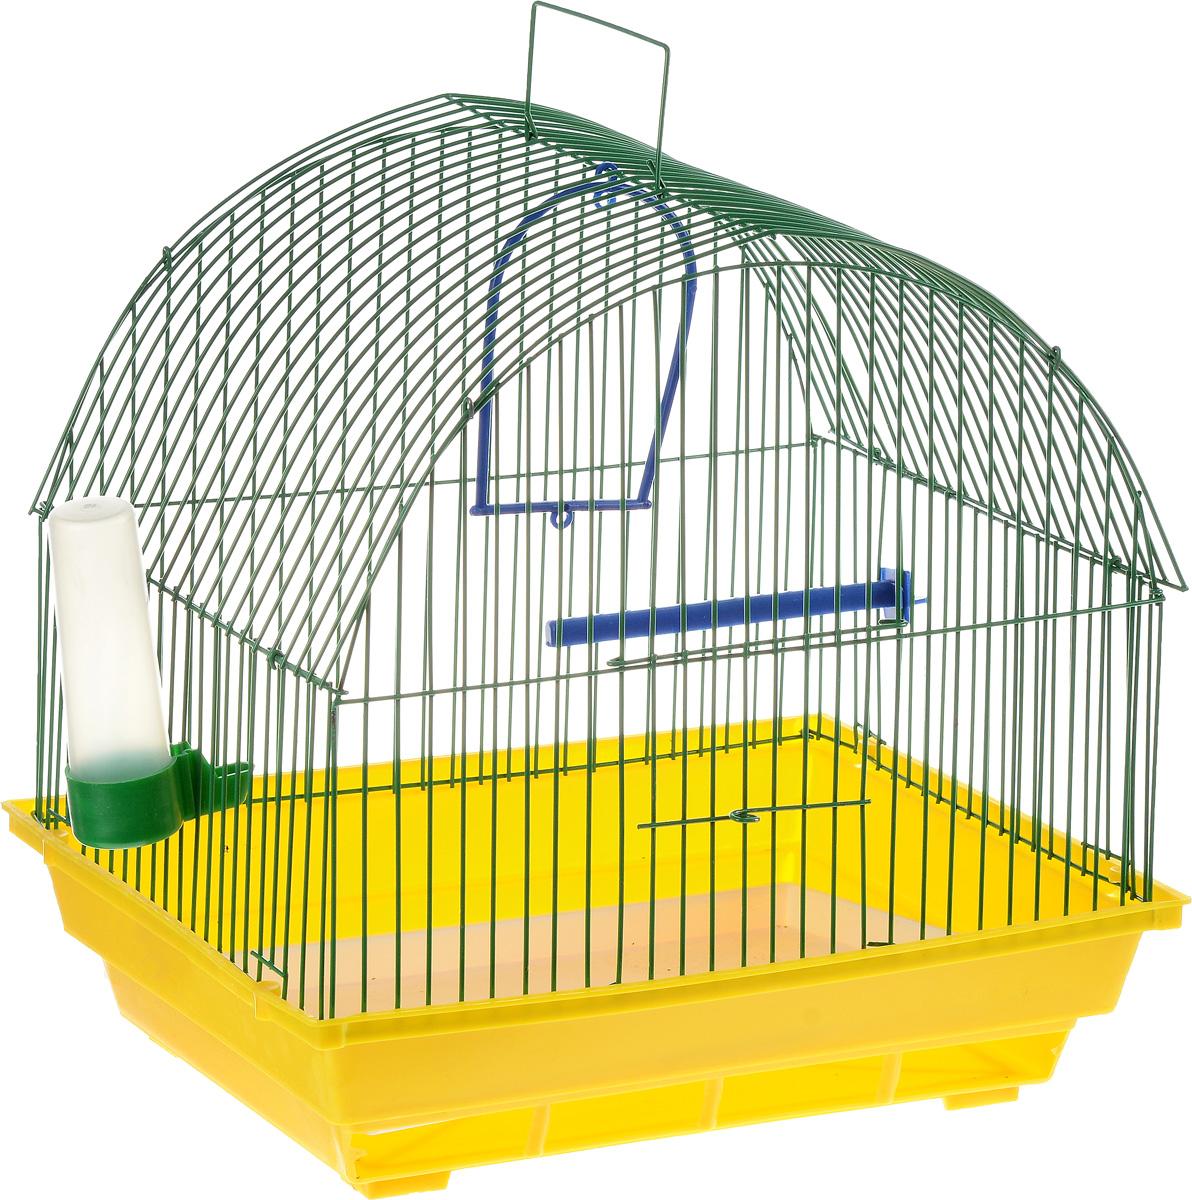 Клетка для птиц ЗооМарк, цвет: желтый поддон, зеленая решетка, 35 х 28 х 34 см0120710Клетка ЗооМарк, выполненная из полипропилена и металла с эмалированным покрытием, предназначена для мелких птиц.Изделие состоит из большого поддона и решетки. Клетка снабжена металлической дверцей. В основании клетки находится малый поддон. Клетка удобна в использовании и легко чистится. Она оснащена жердочкой, кольцом для птицы, поилкой, кормушкой и подвижной ручкой для удобной переноски. Комплектация: - клетка с поддоном, - малый поддон; - поилка; - кормушка;- кольцо.